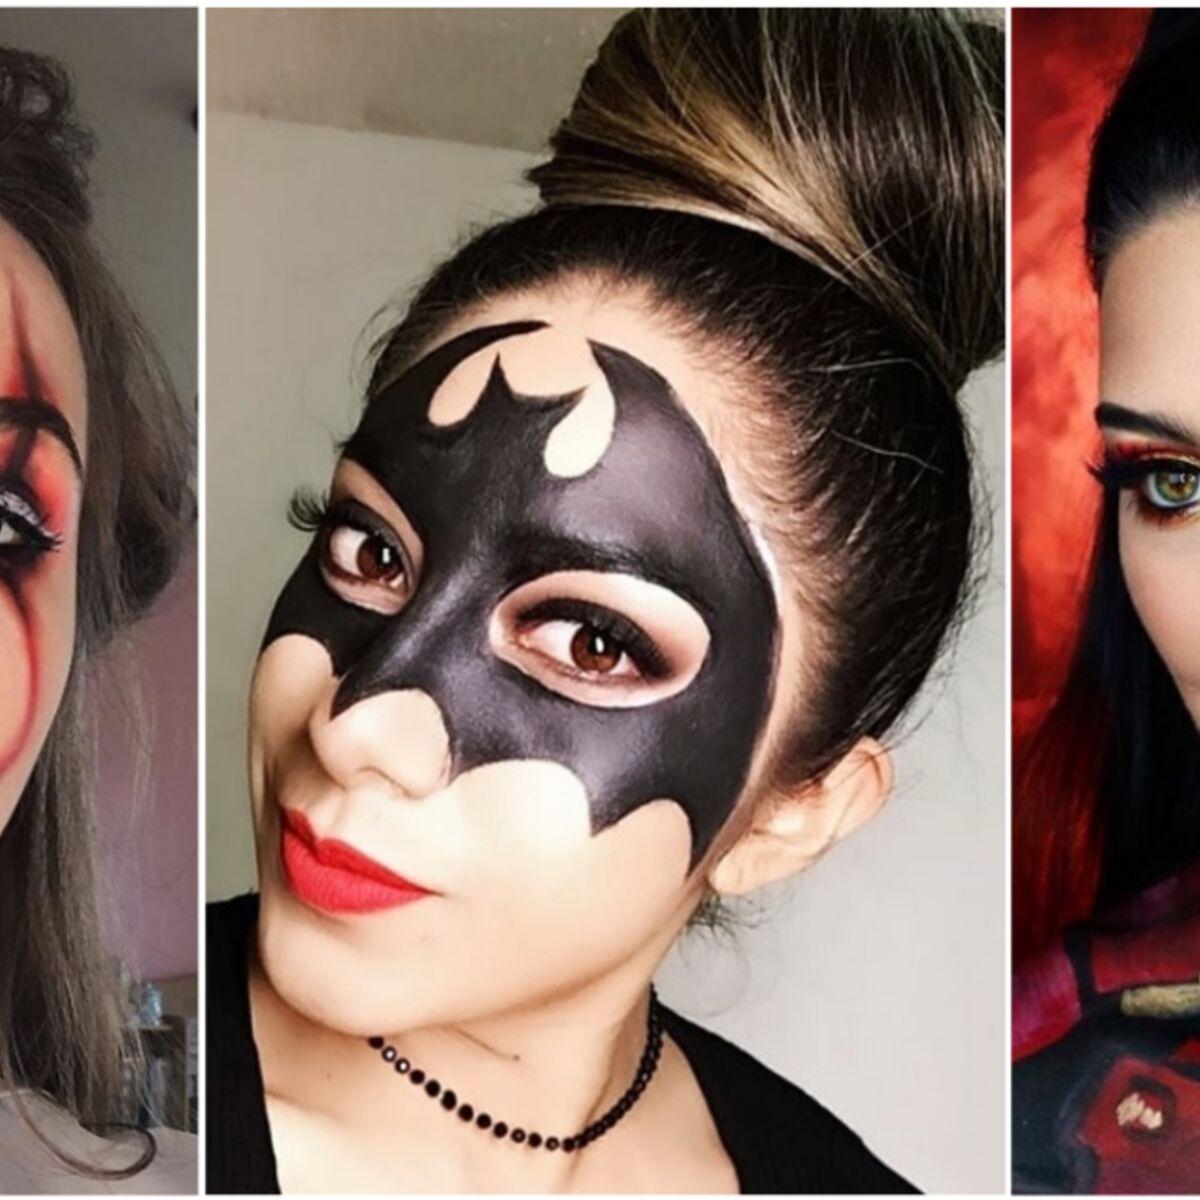 Comment Faire Un Beau Maquillage D Halloween.Maquillage D Halloween 5 Idees Inratables Pour S Inspirer Femme Actuelle Le Mag